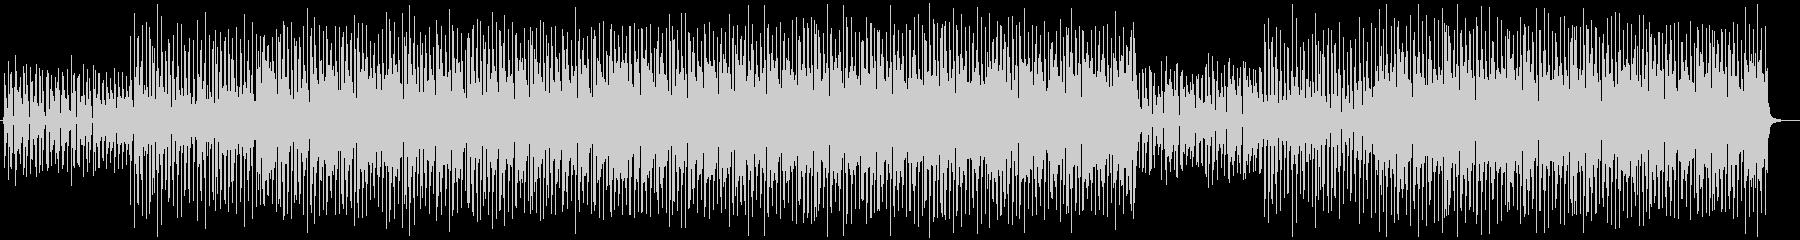 Fun, happiness, lightness, ukulele, whistling's unreproduced waveform